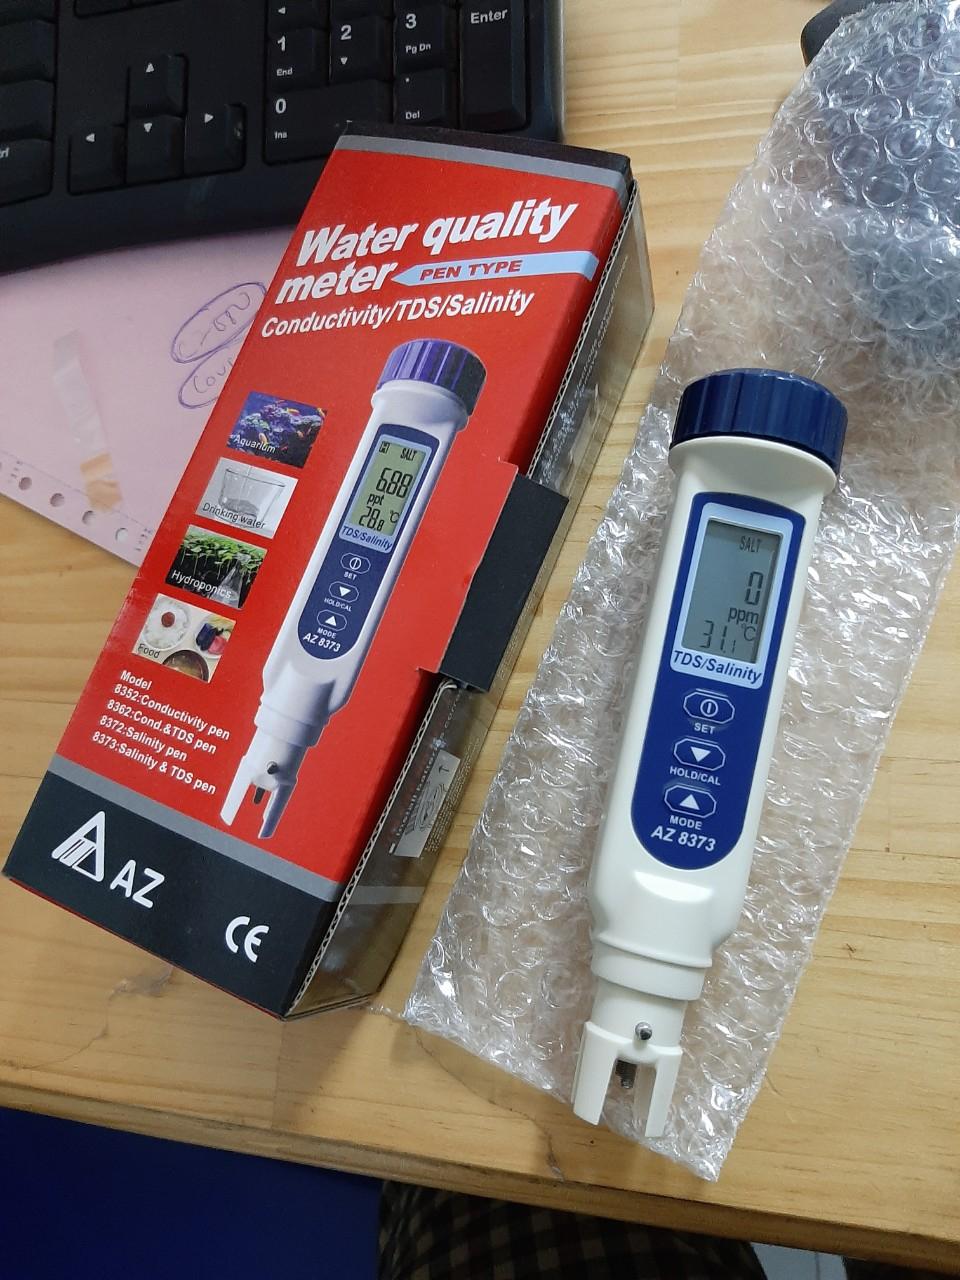 Thiết bị đo độ mặn, tổng chất rắn hòa tan (TDS)/ nhiệt độ model AZ8373